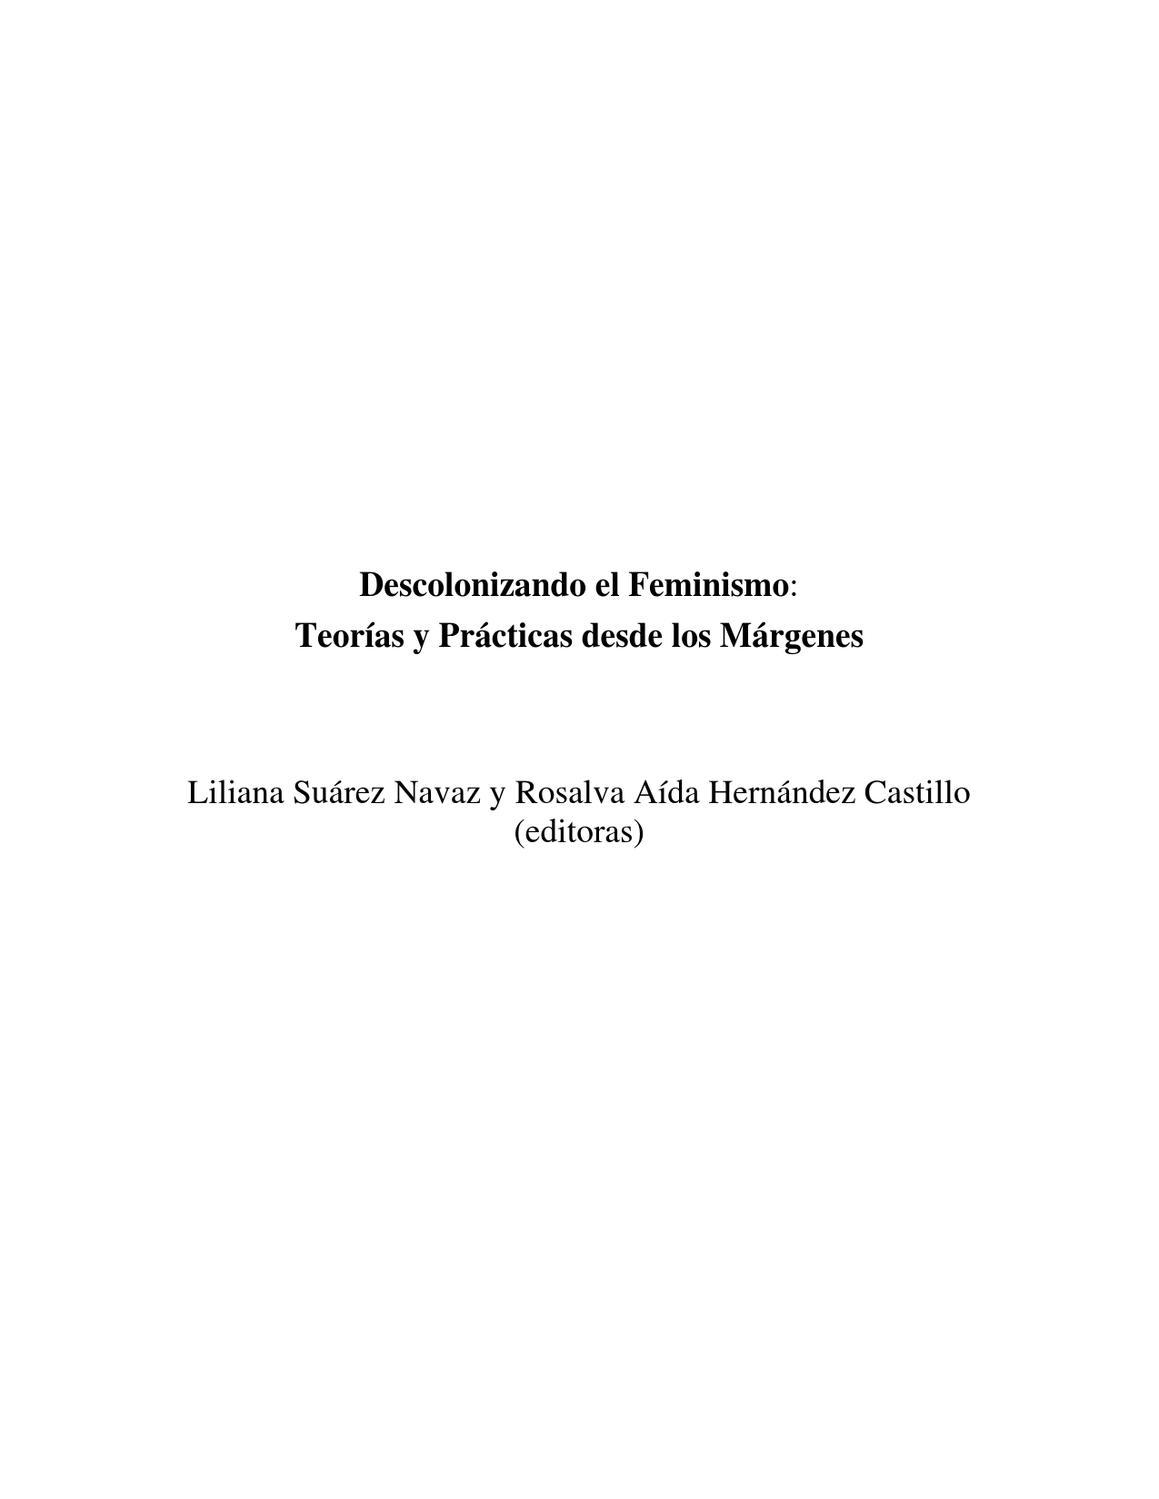 descolonizando-el-feminismo-teorias-y-practicas-desde-los-margenes ...